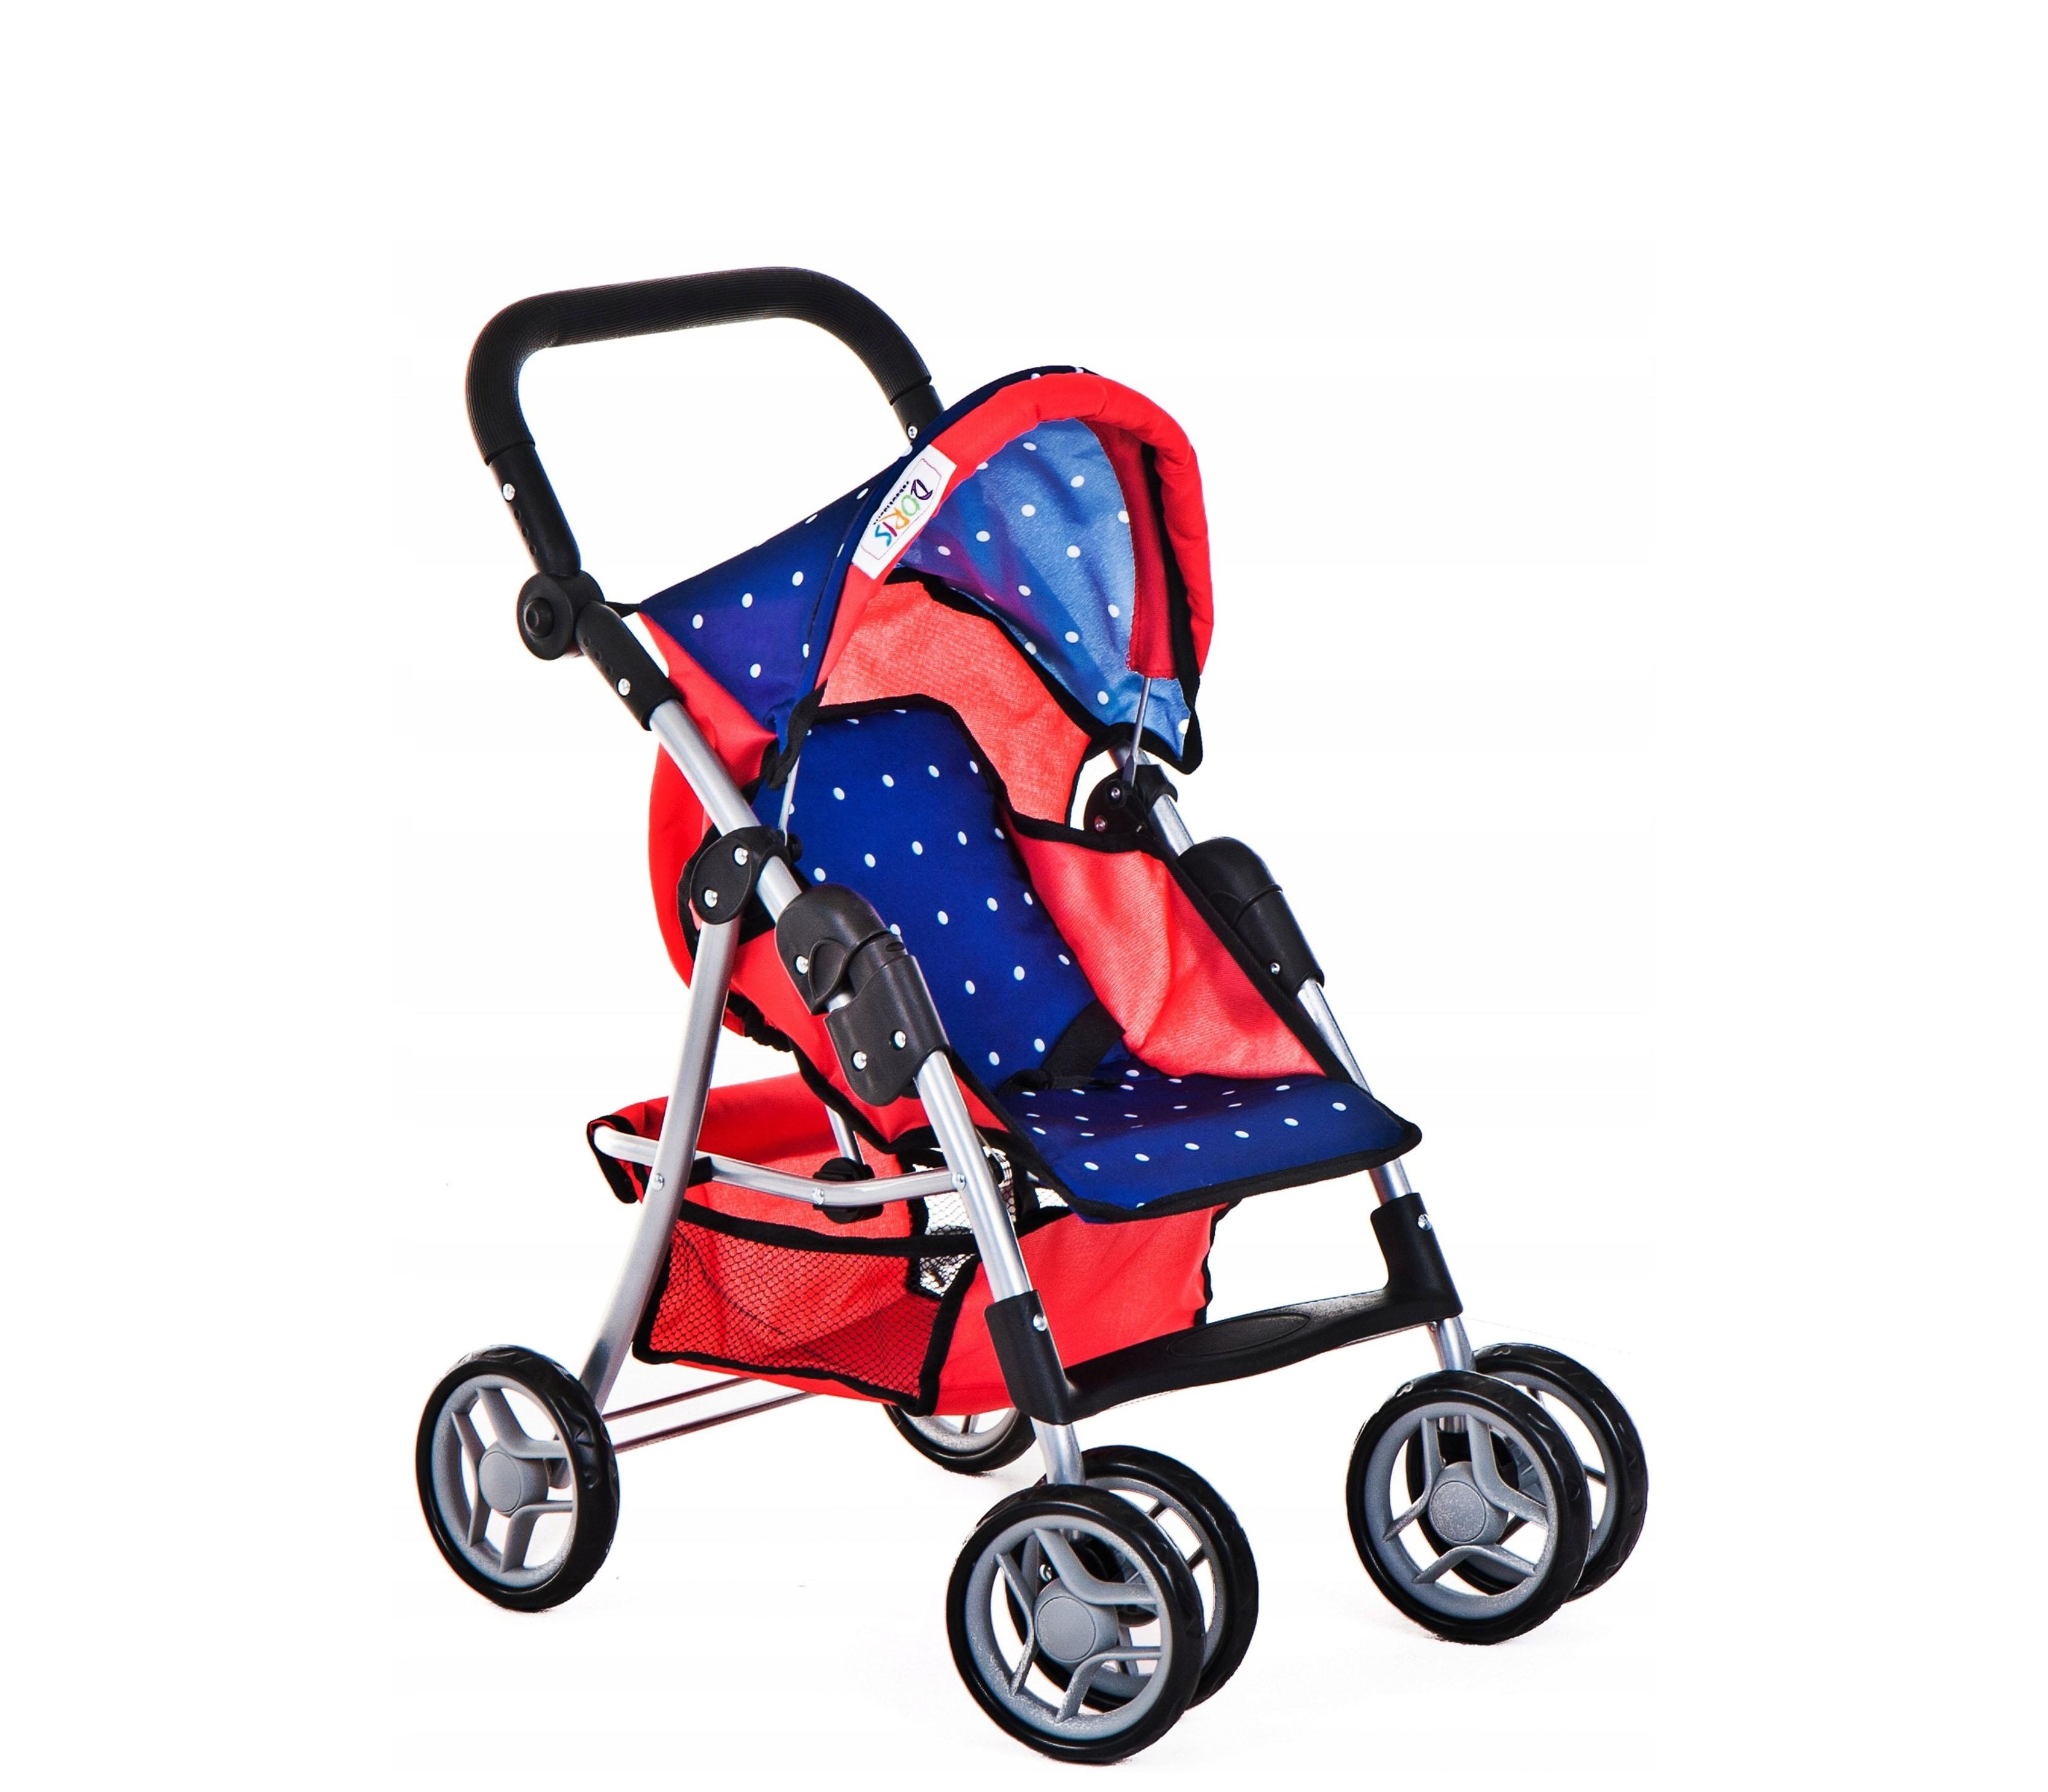 Doris Športový kočík pre bábiky 9352 Red